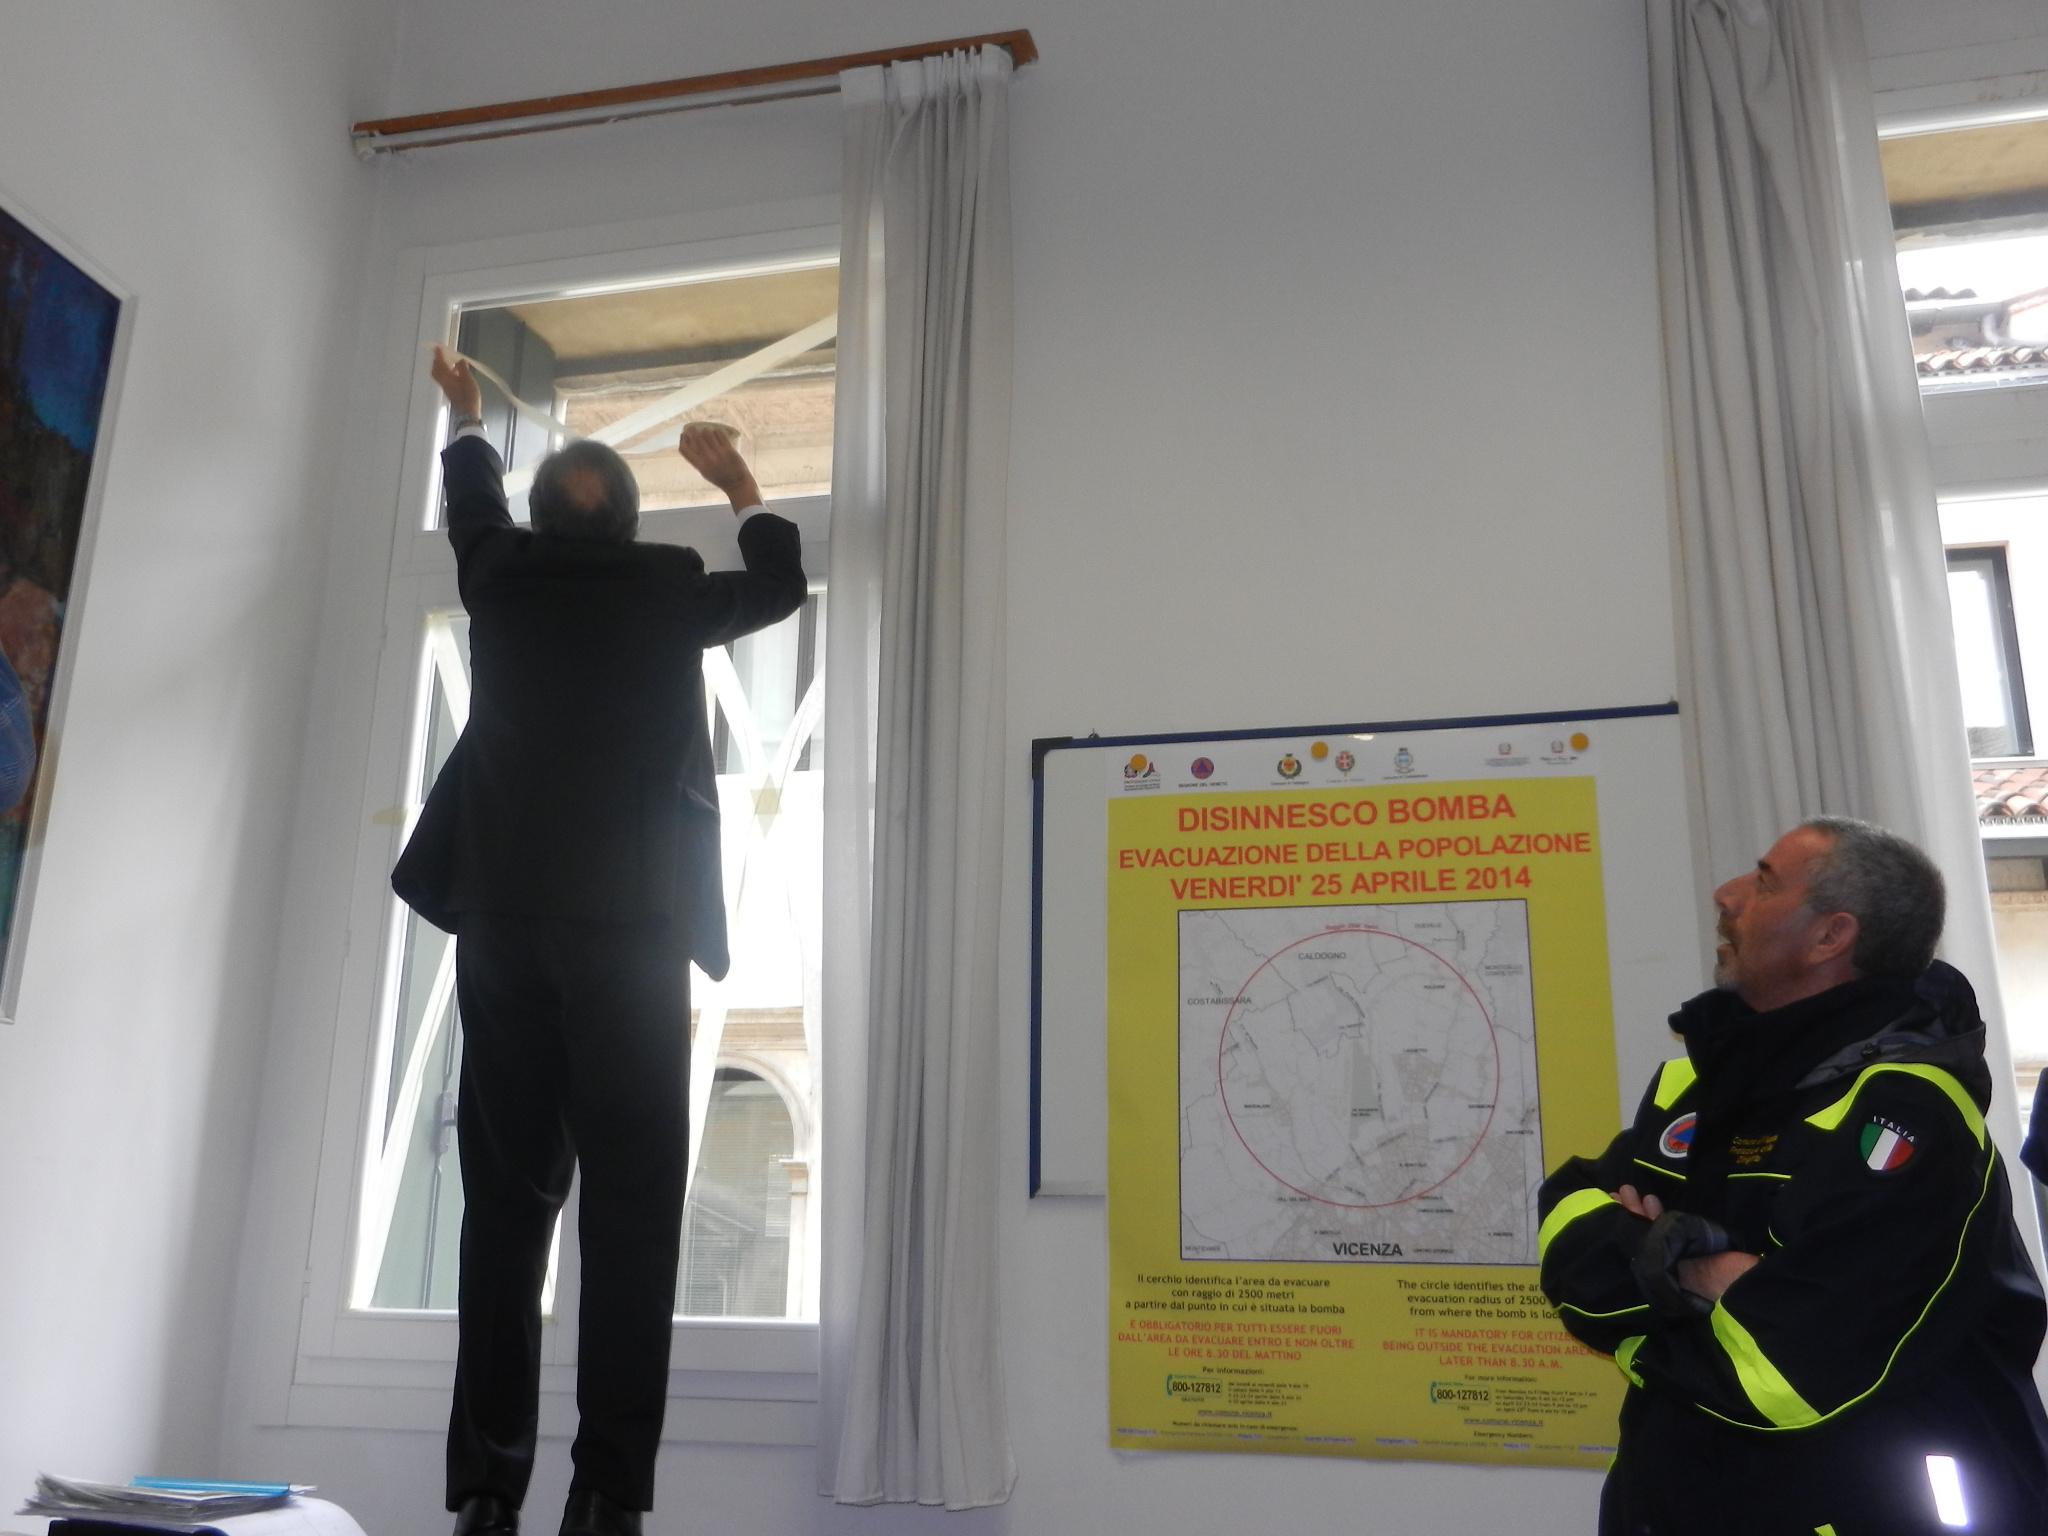 Bomba day 25 aprile durante l 39 evacuazione finestre chiuse e nastro adesivo sui vetri - Finestre all inglese ...